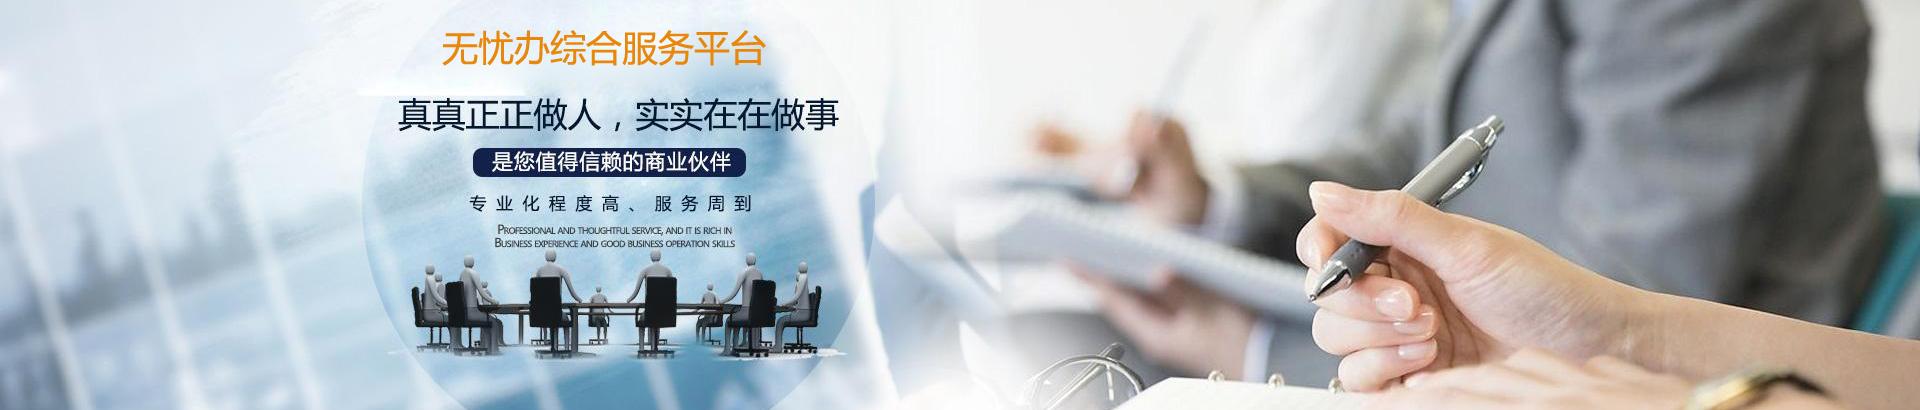 51办一站式跑腿代办综合服务平台